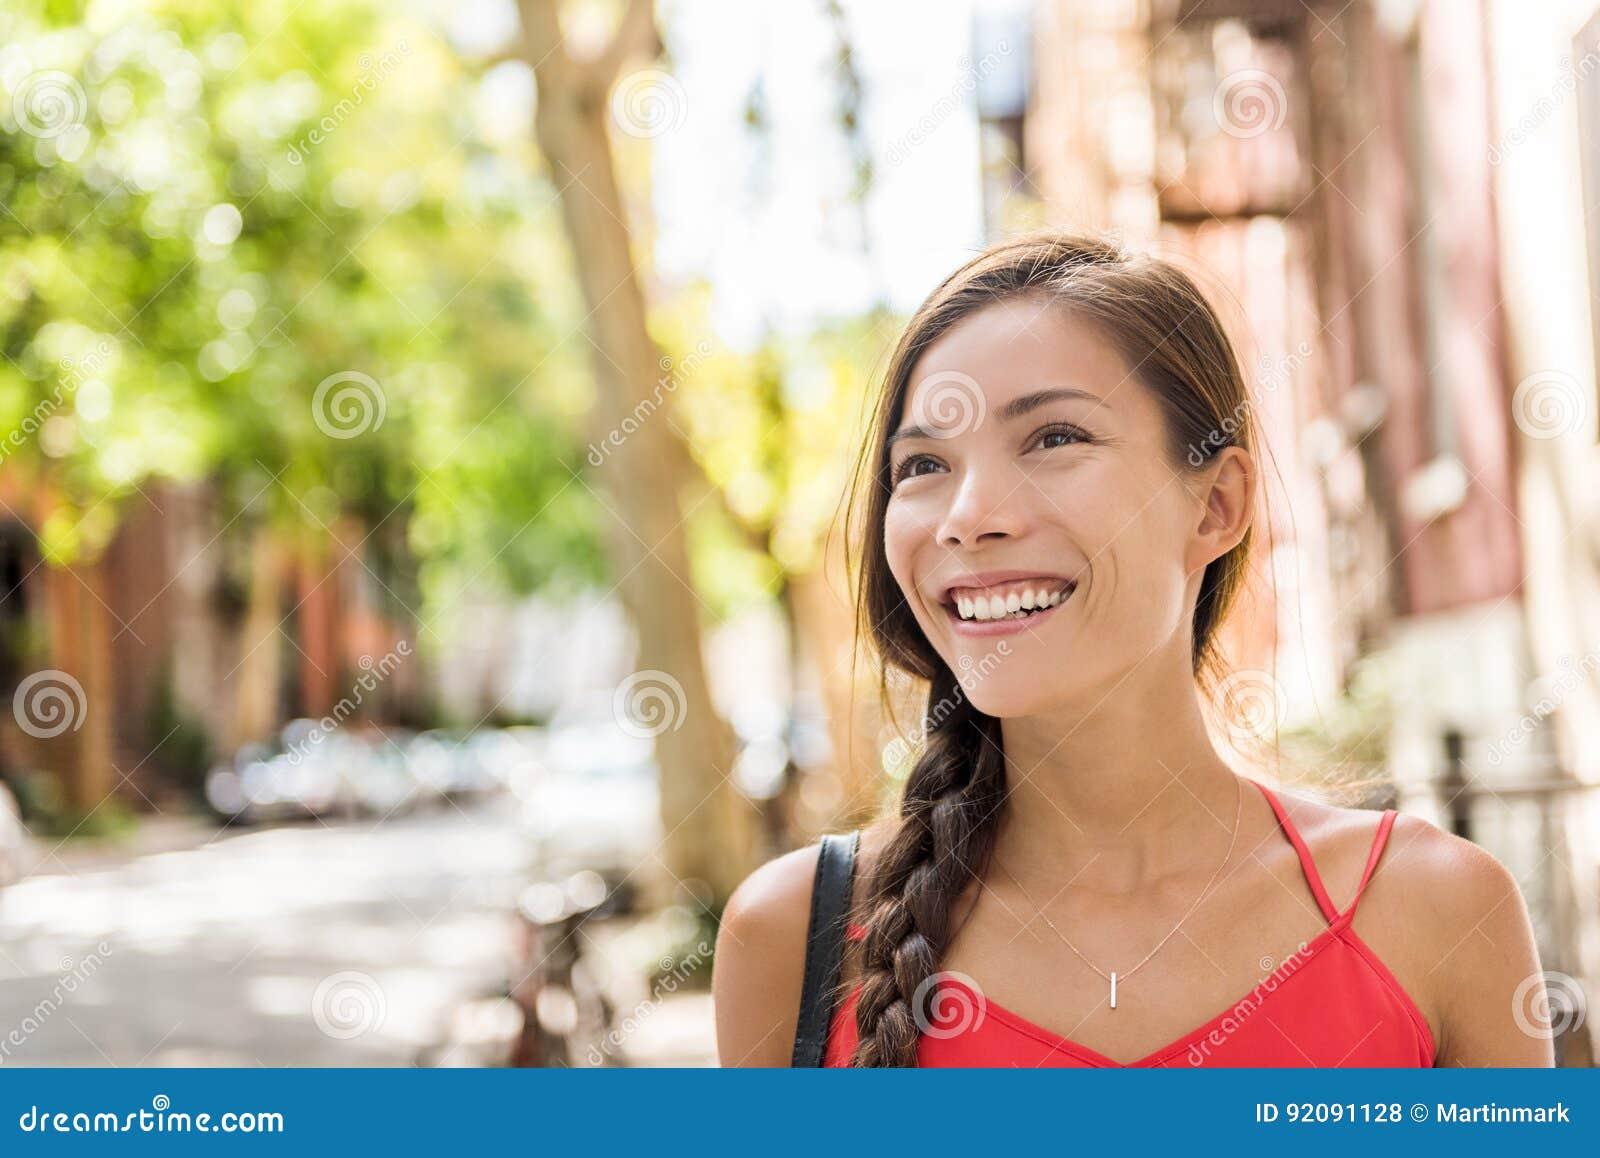 Happy asian woman walking in sunny city street